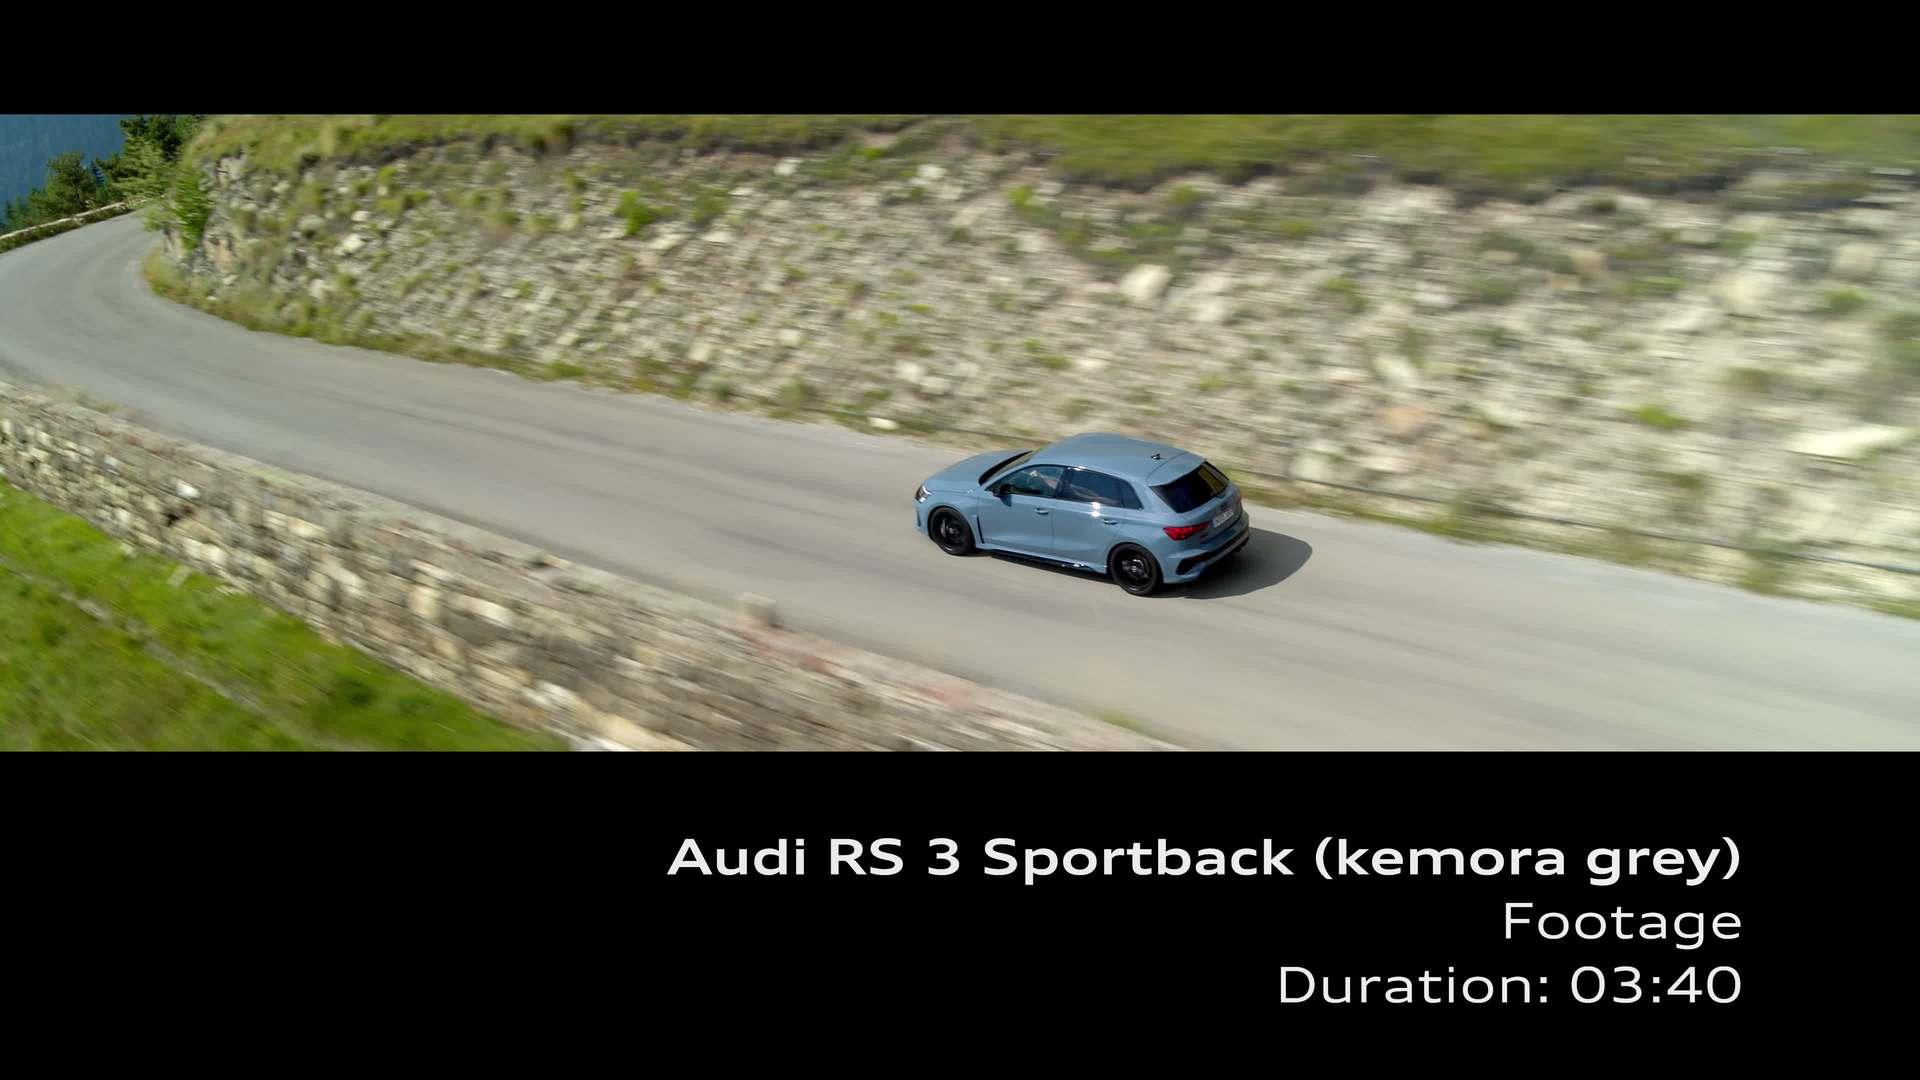 Footage: Audi RS 3 Limousine Kemoragrau